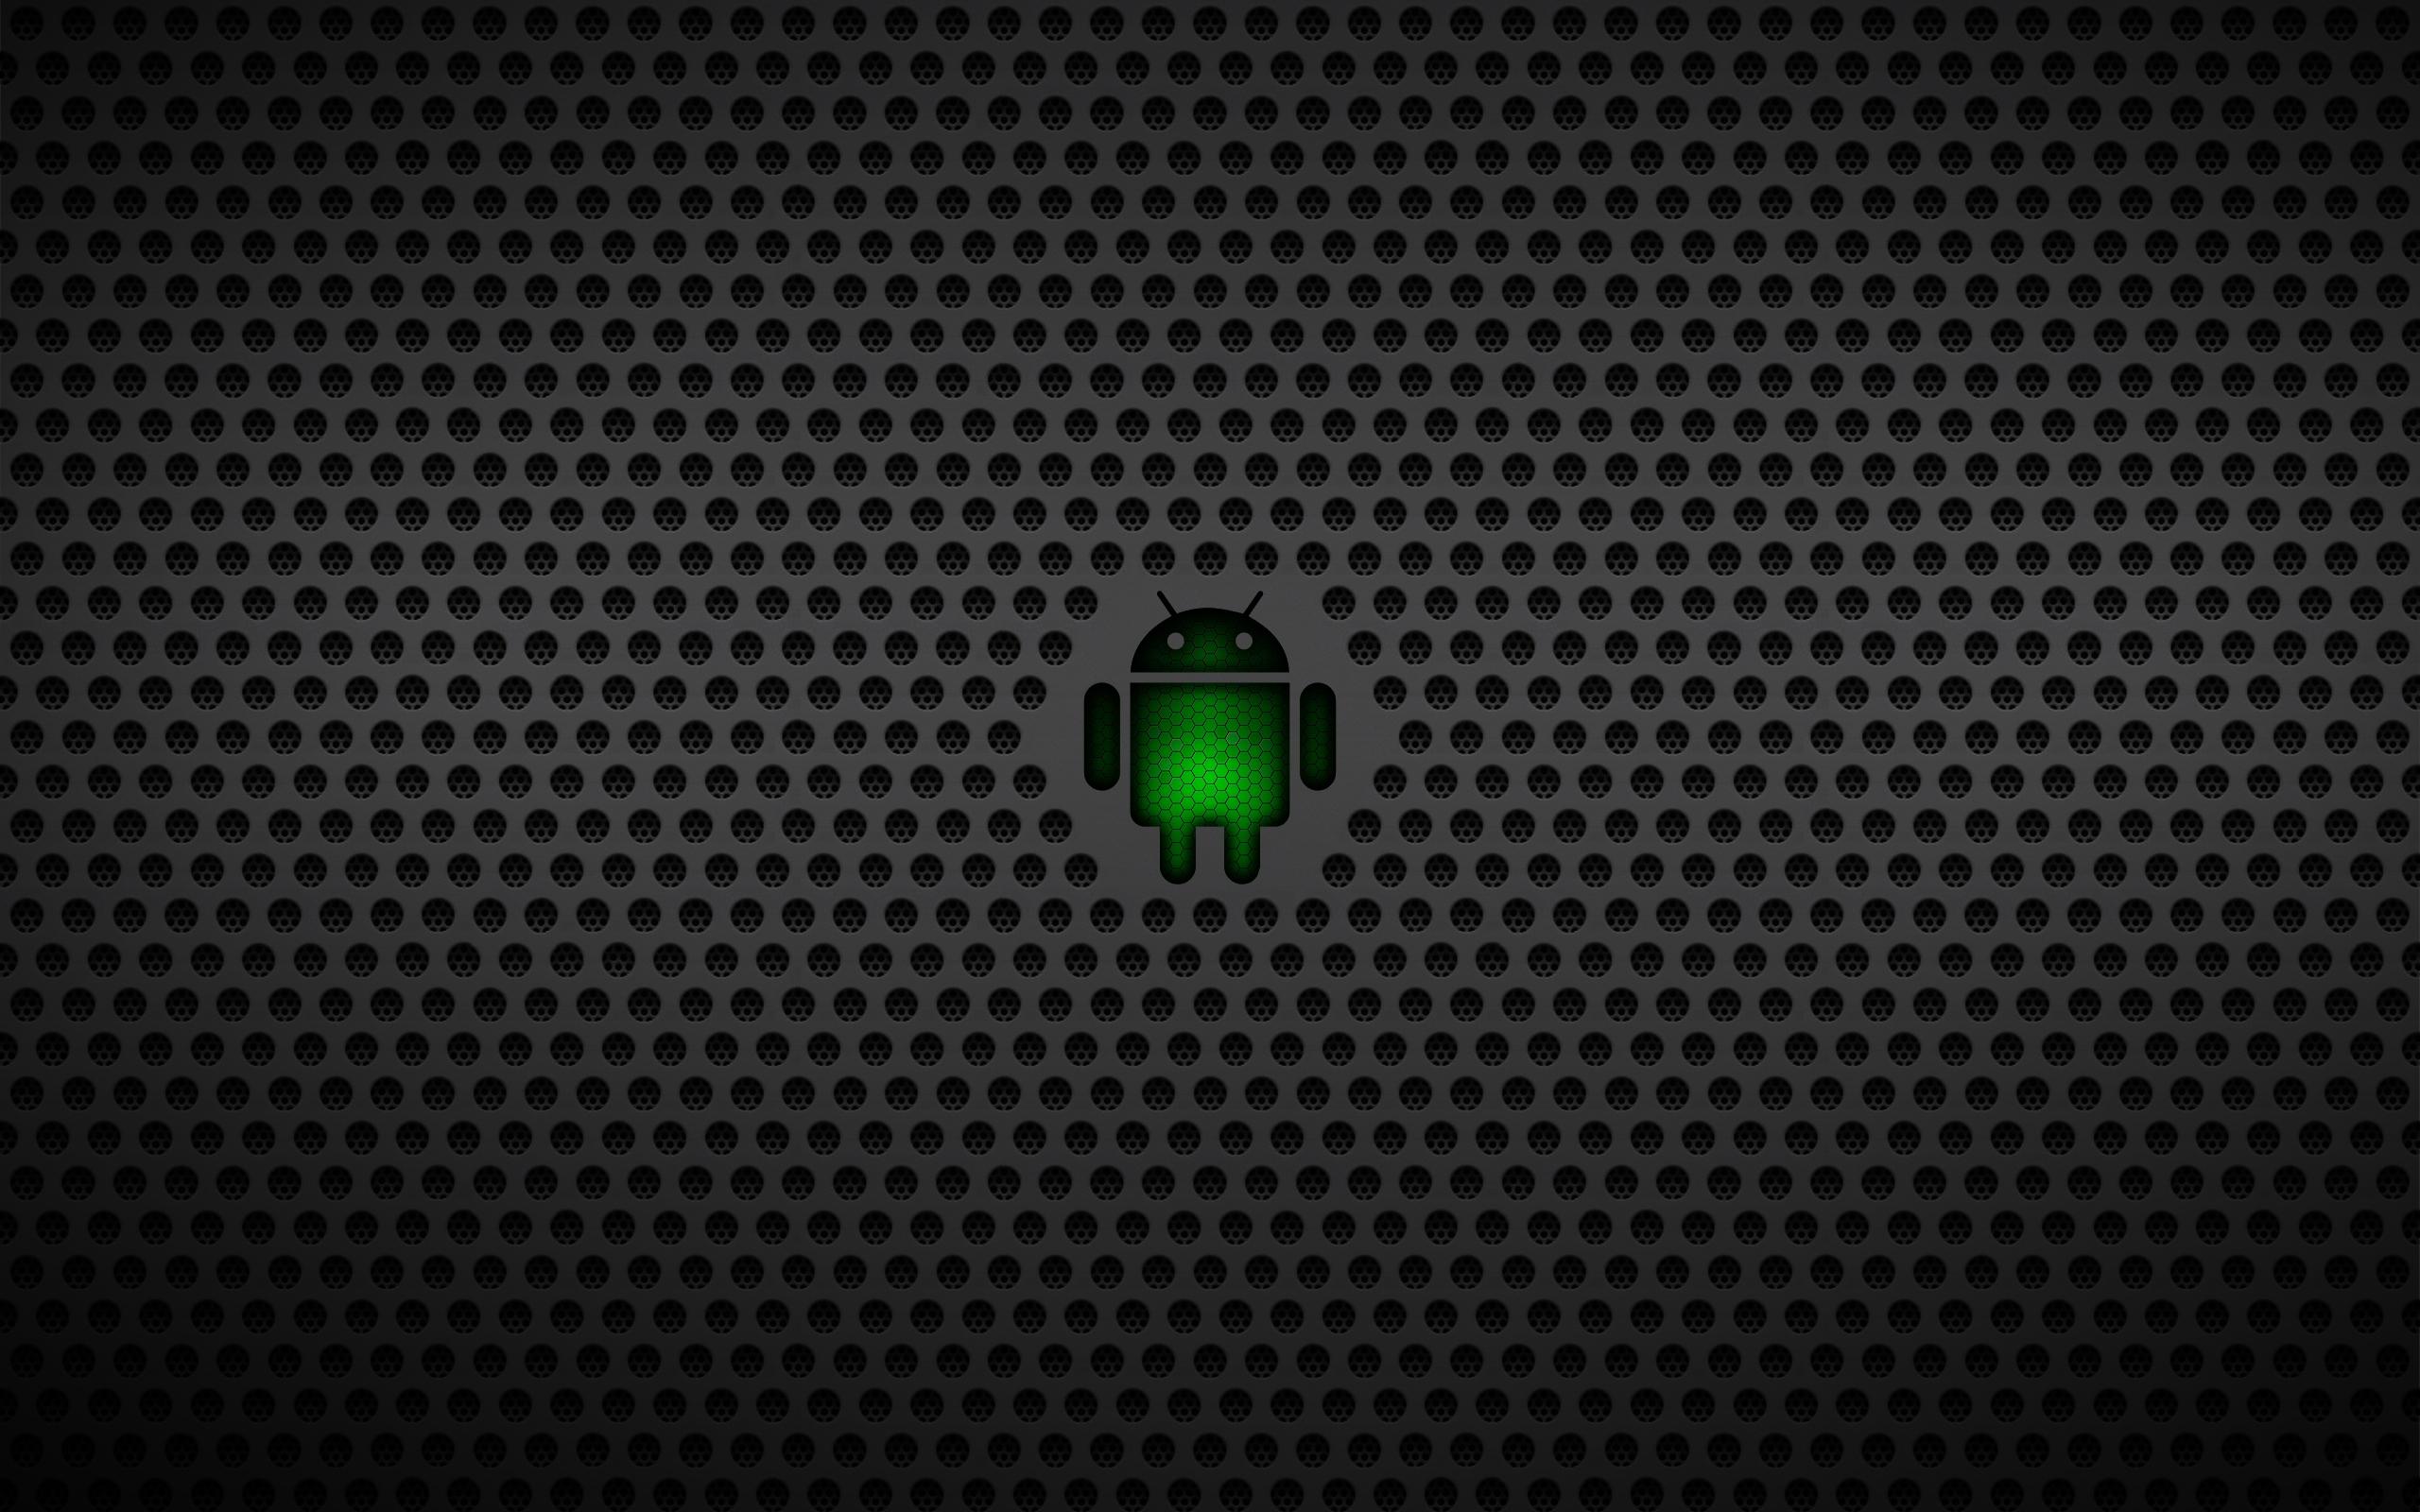 デスクトップ壁紙 黒 緑 パターン サークル オペレーティング システム 形状 設計 ライン Os アンドロイド メッシュ スクリーンショット コンピュータの壁紙 フォント 2560x1600 Wallpaperup デスクトップ壁紙 Wallhere